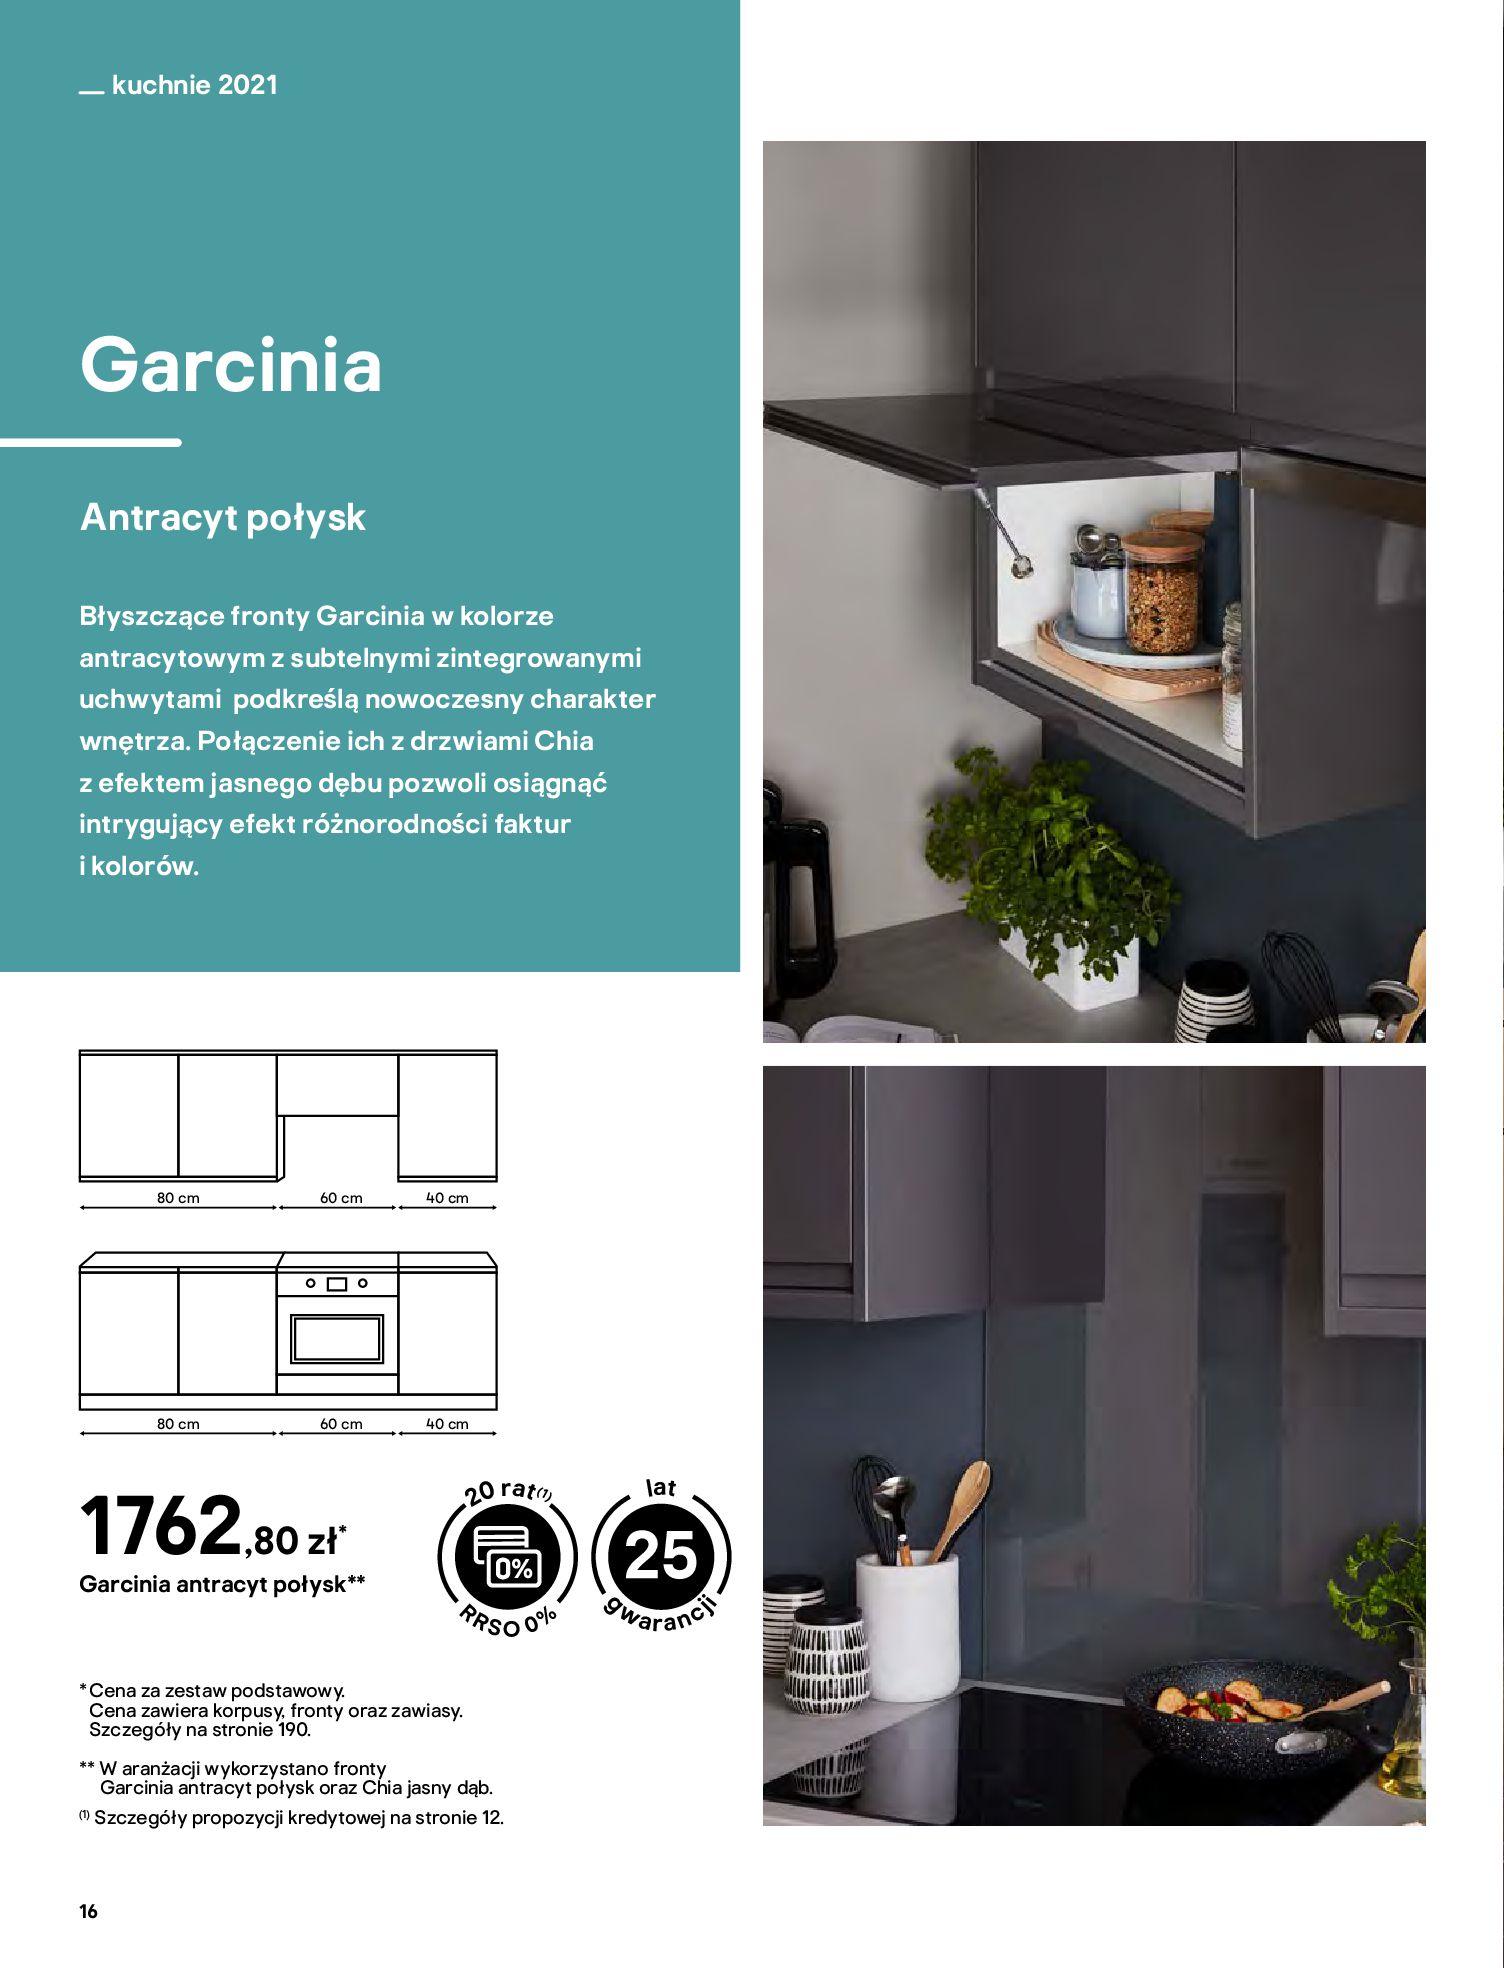 Gazetka Castorama: Katalog kuchnie 2021 2021-05-04 page-16